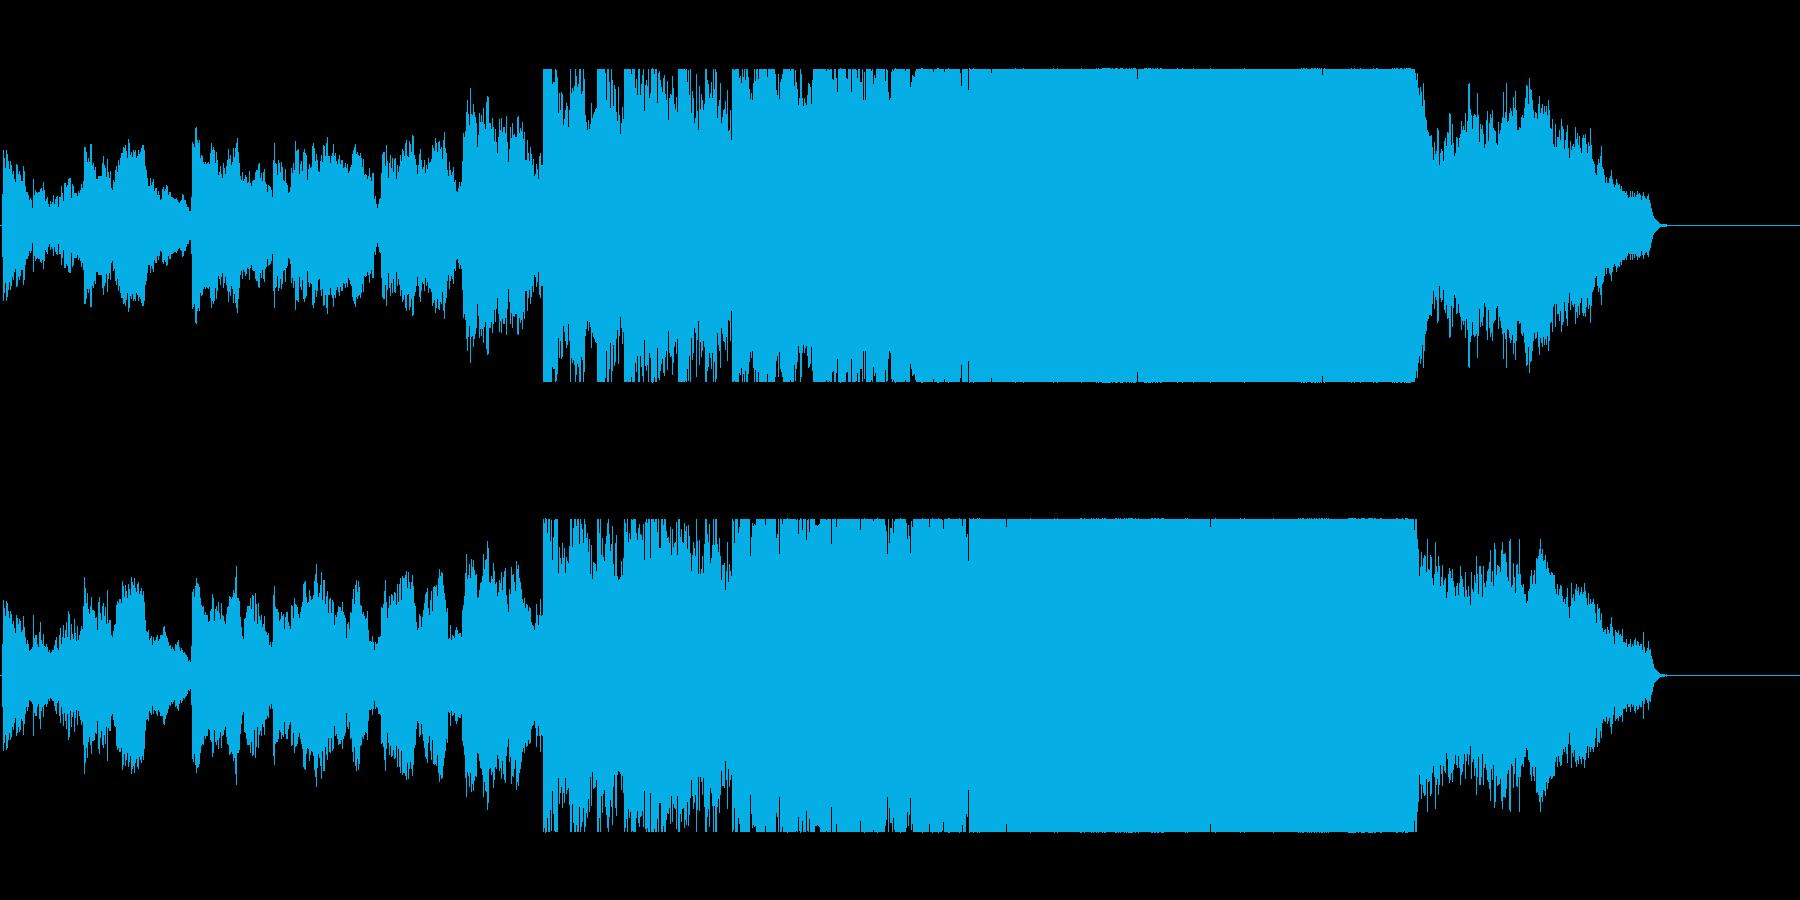 クラシック 交響曲 広い 壮大 ロ...の再生済みの波形